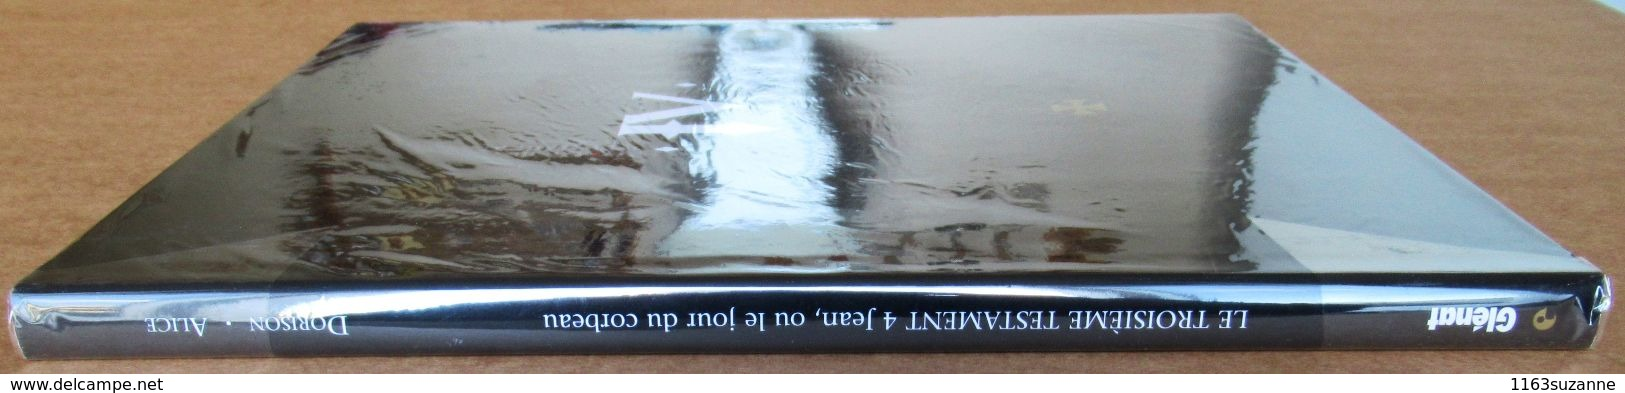 TL Tirage Limité > Xavier DORISON & Alex ALICE  : Le Troisième Testament IV -- Jean, Ou Le Jour Du Corbeau - Troisième Testament, Le